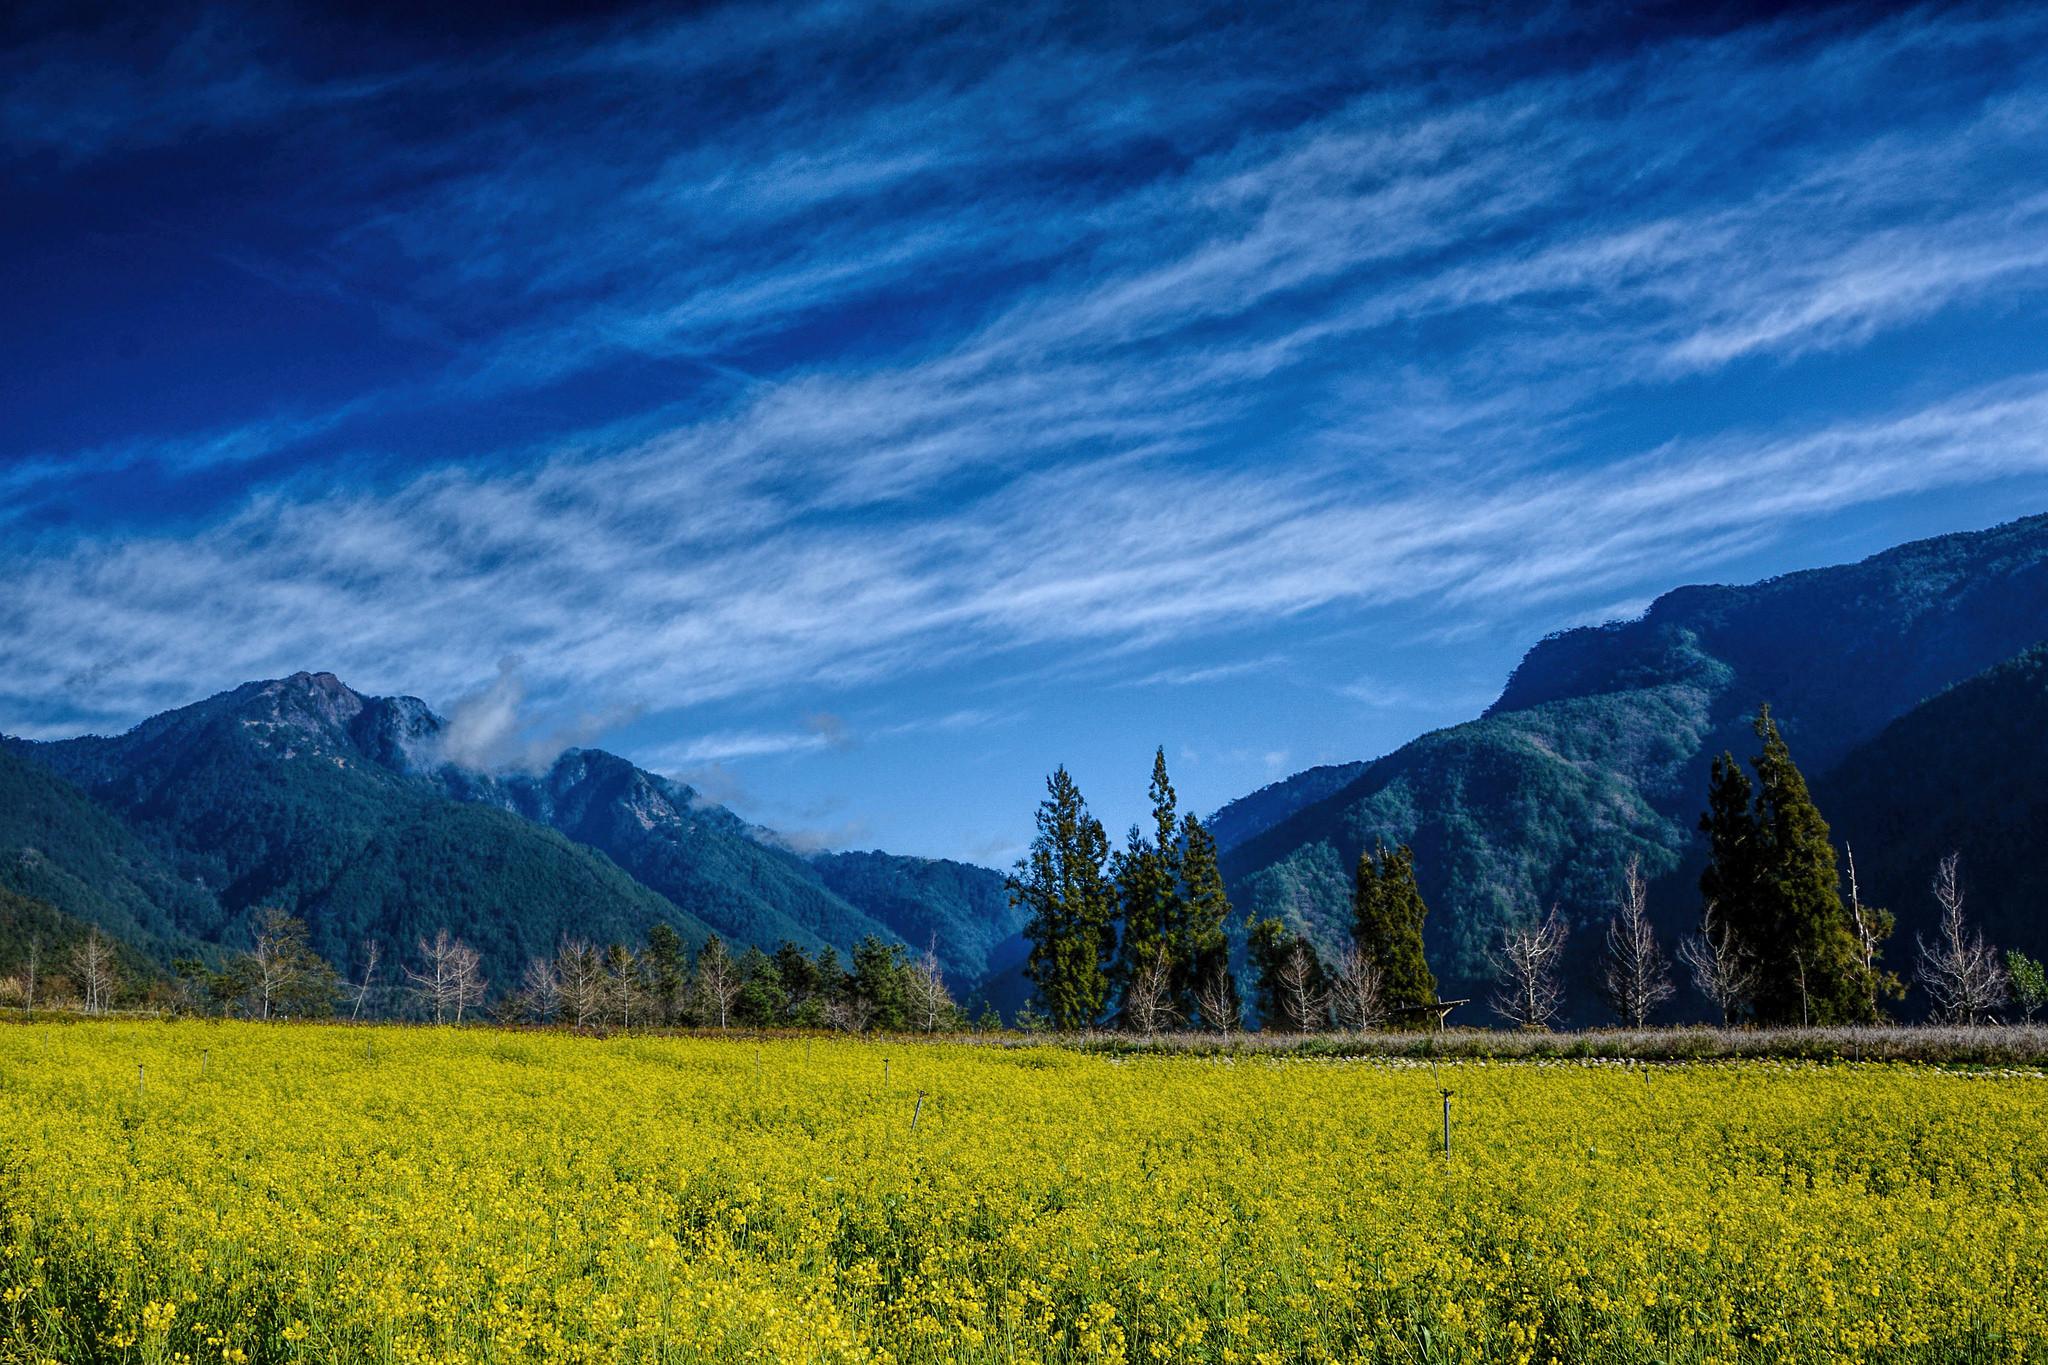 обои поле, горы, цветы, деревья картинки фото